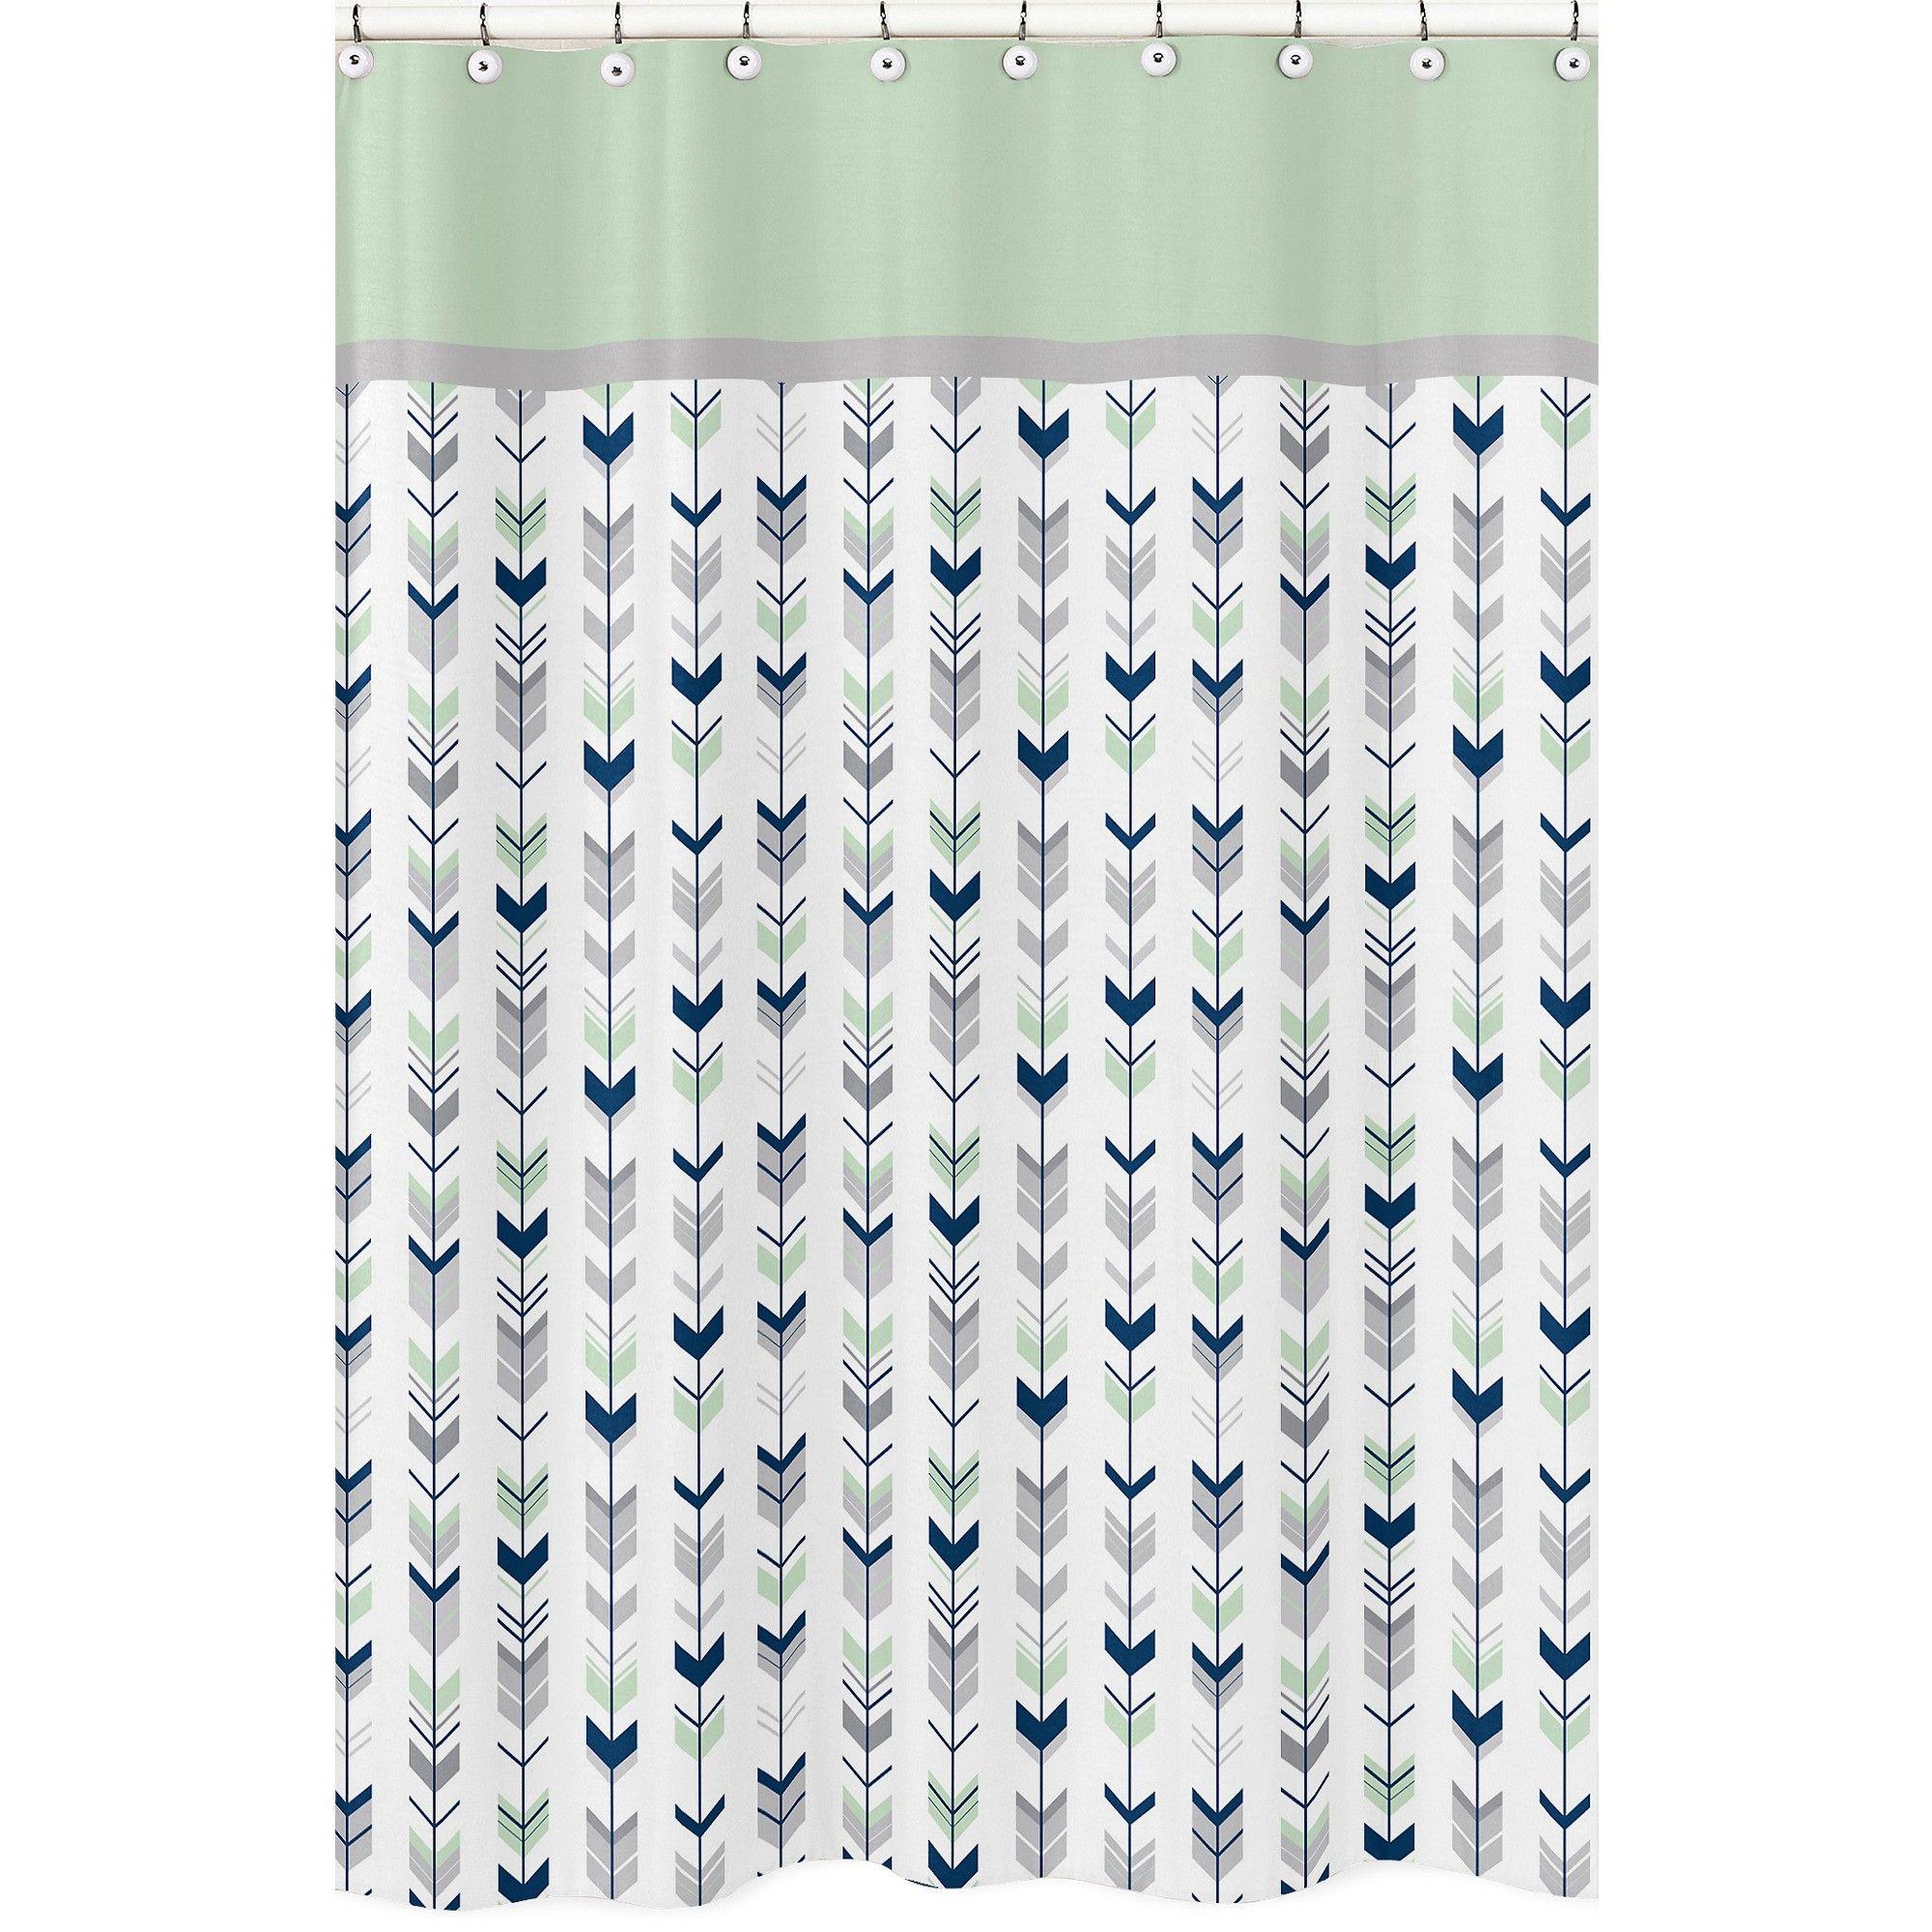 Mod Arrow Shower Curtain Navy Mint Blue Green